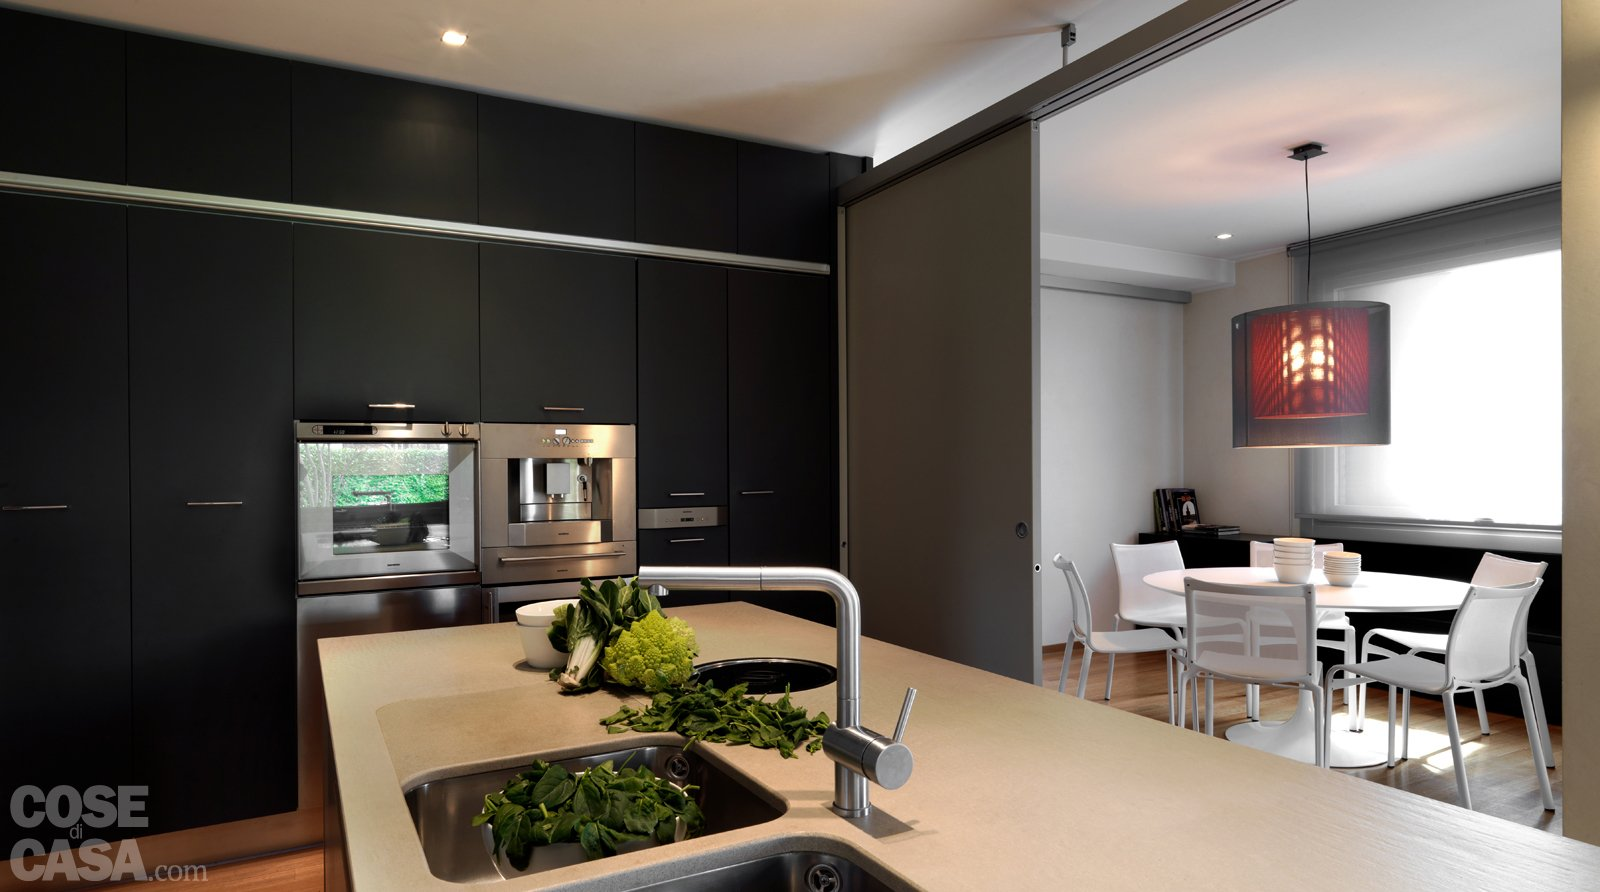 Case arredate moderne great decorare un soggiorno in stile new